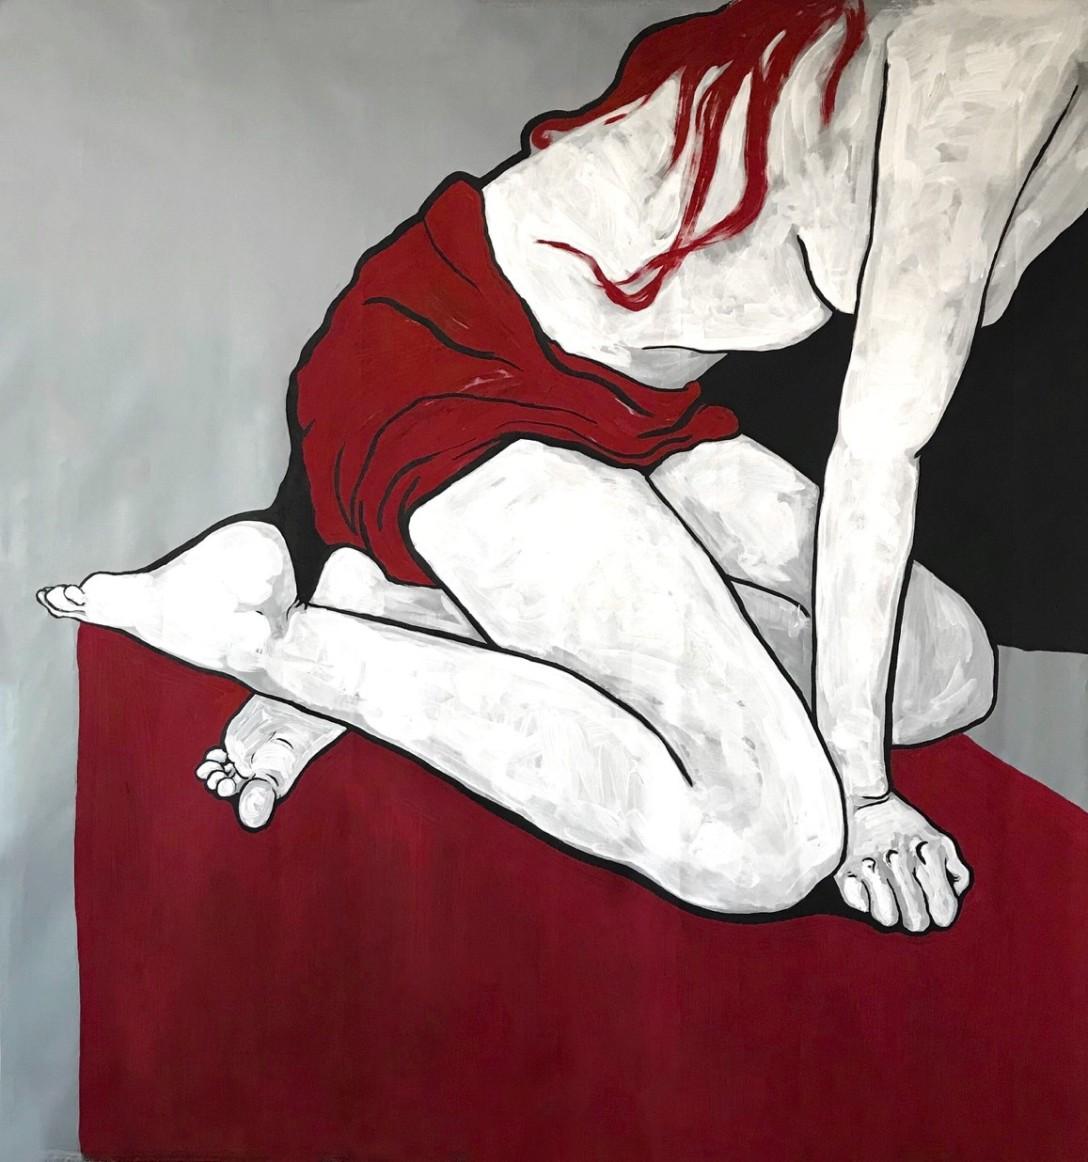 Emotional Paintings by Anastasiia Usenko